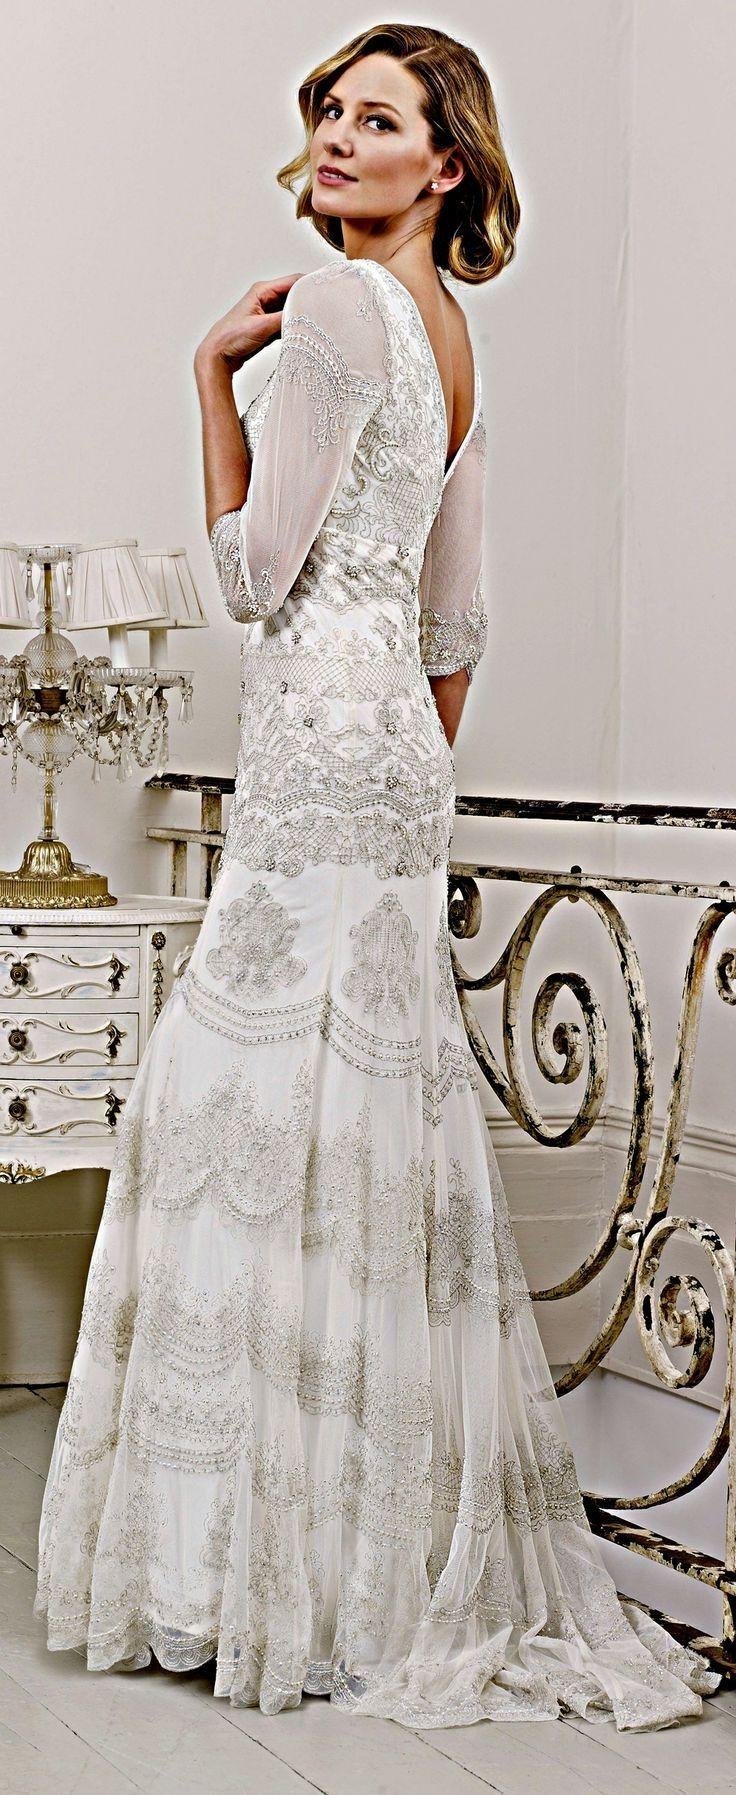 older bride dresses second wedding dresses Wedding Dresses For Older Brides Second Wedding With Sleeves 7 Second Wedding Dresses More